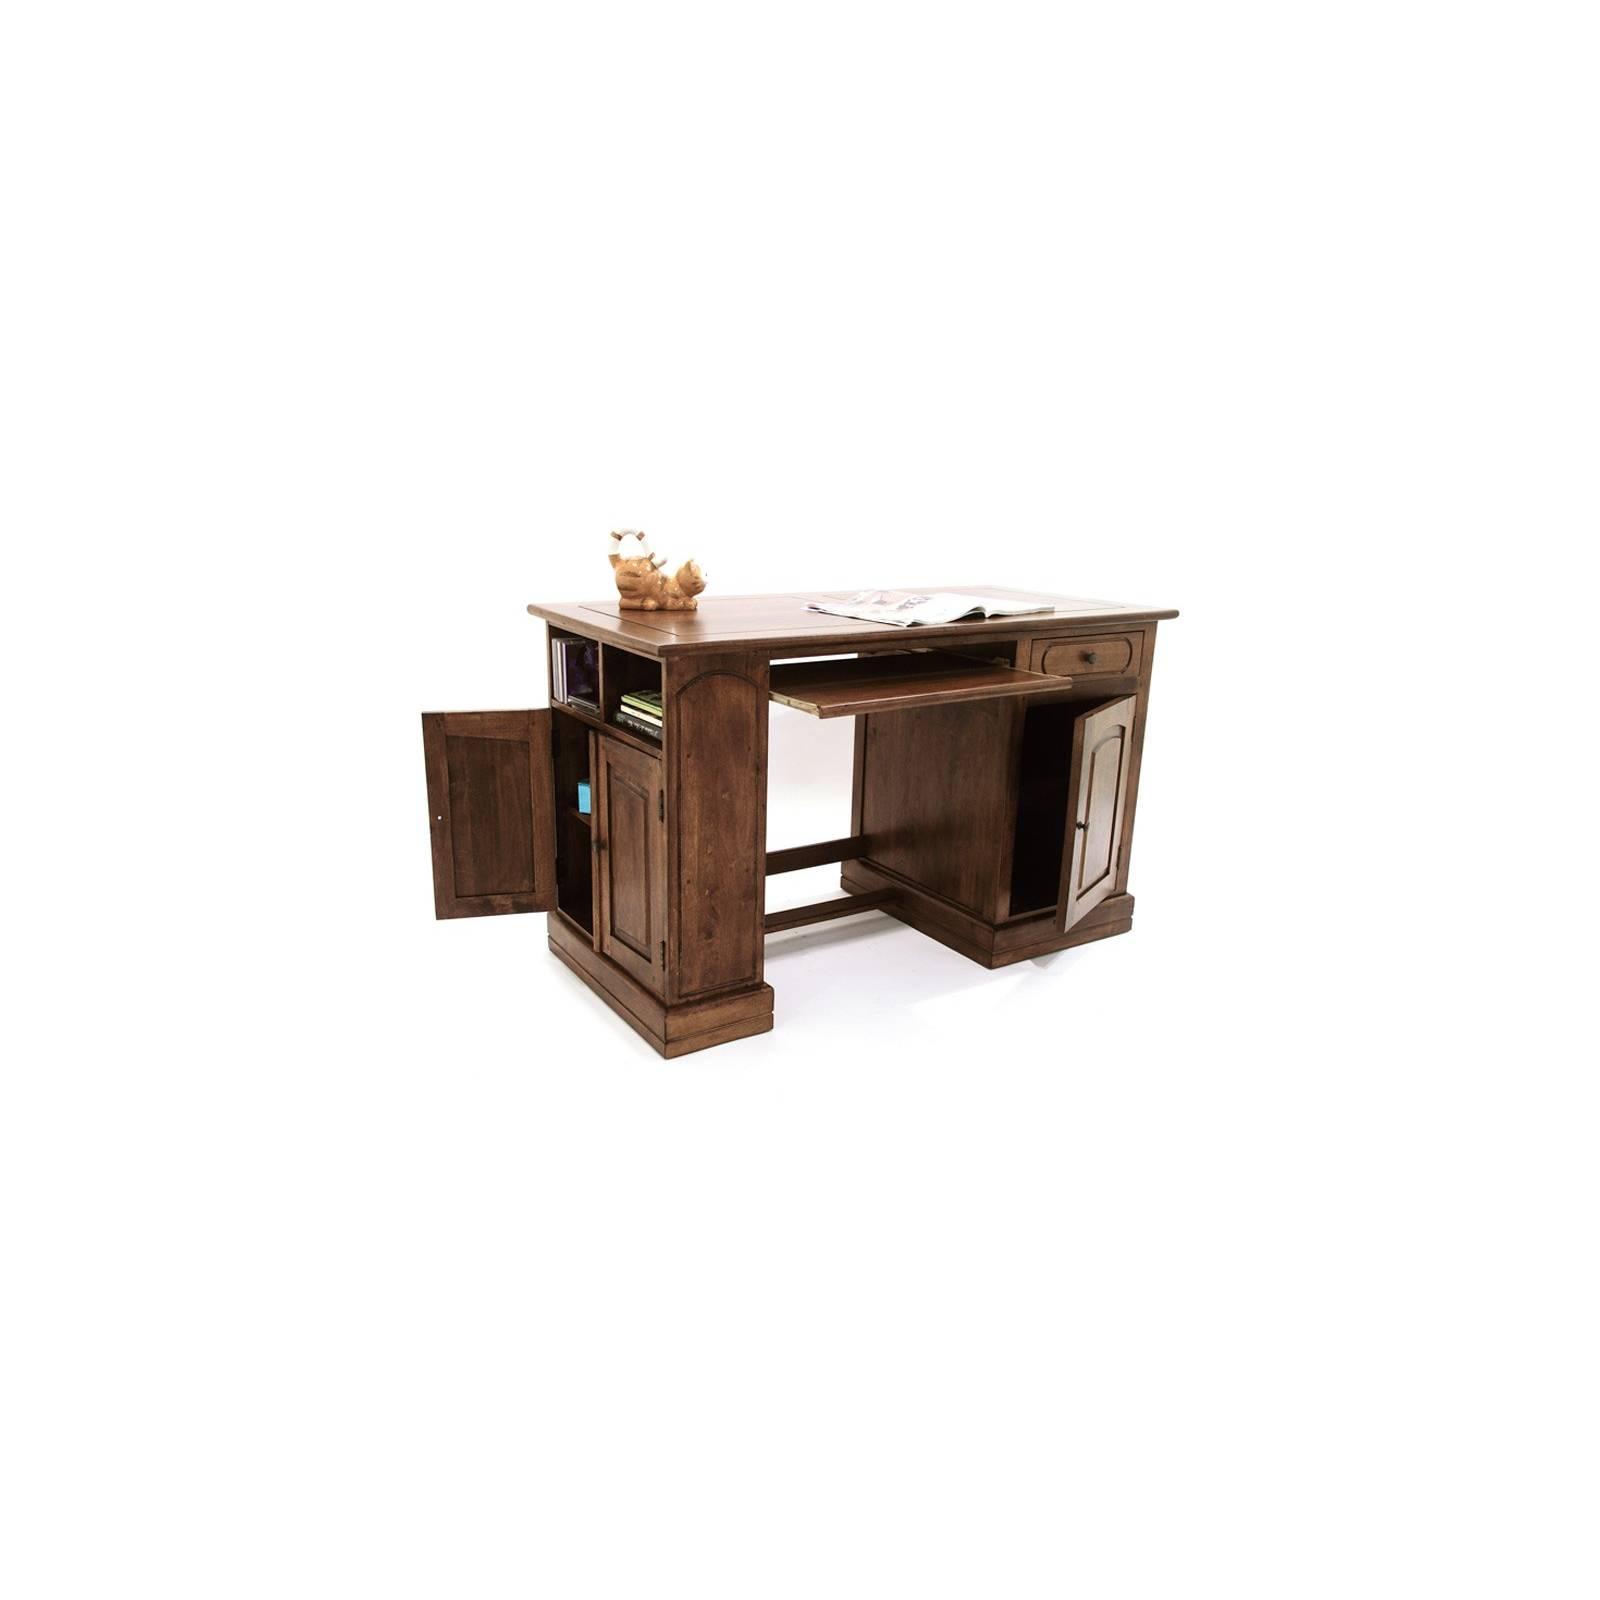 Bureau Multi Rangements Belle Epoque Hévéa - meuble style classique